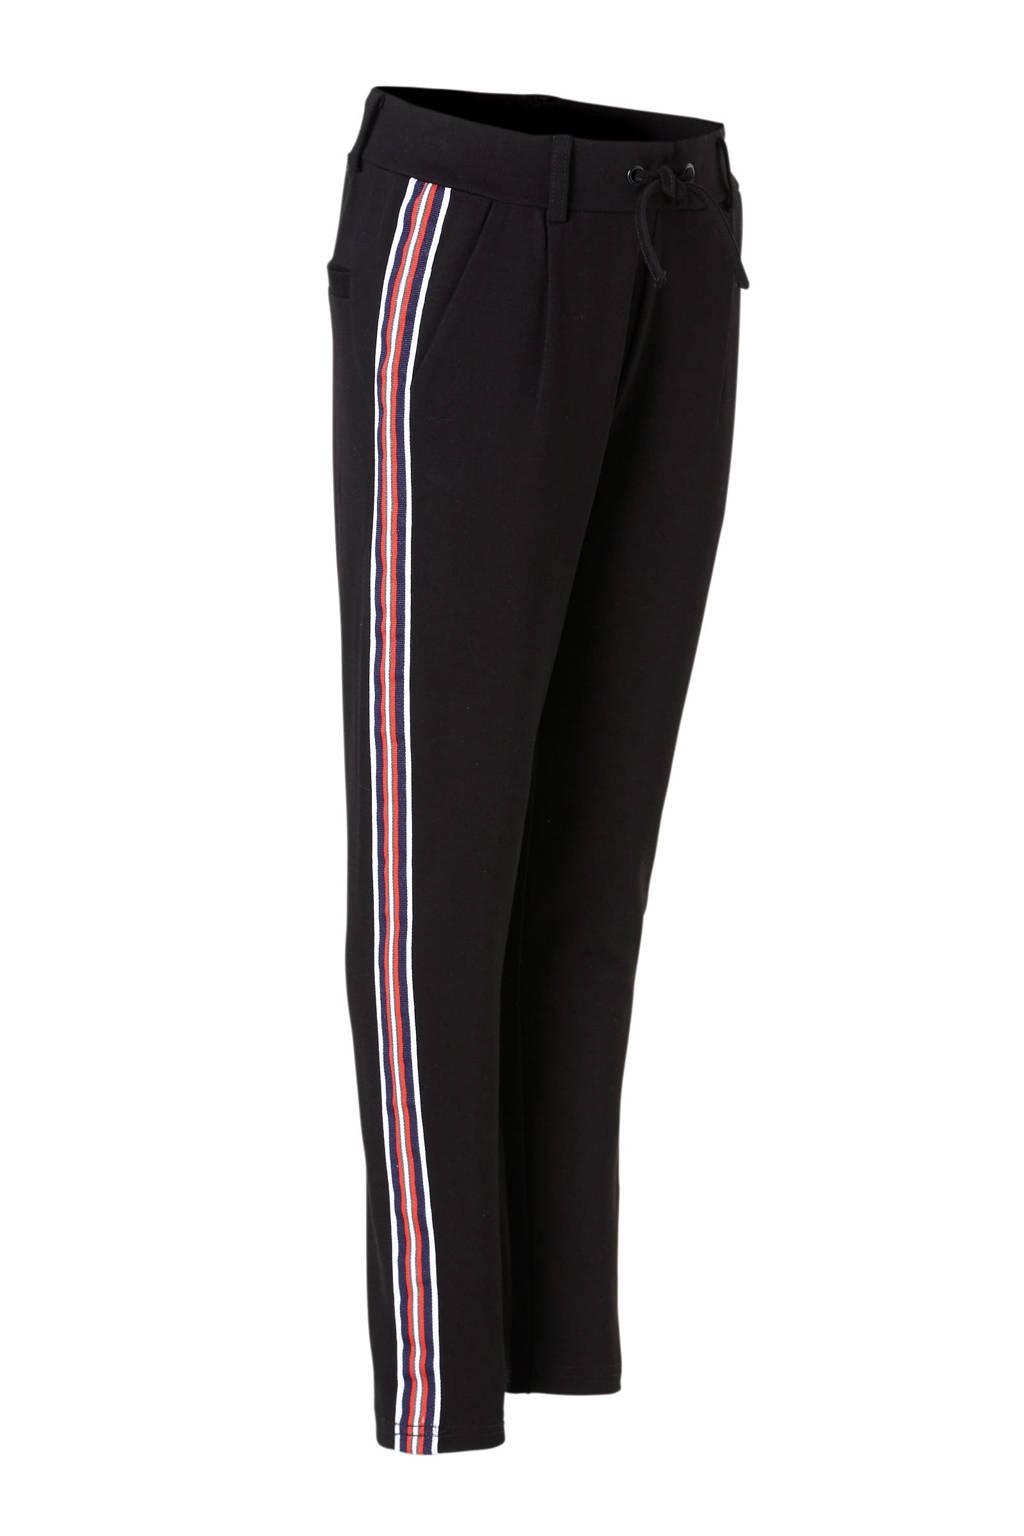 NAME IT KIDS sweatpants Firida met zijstreep zwart, Zwart/wit/rood